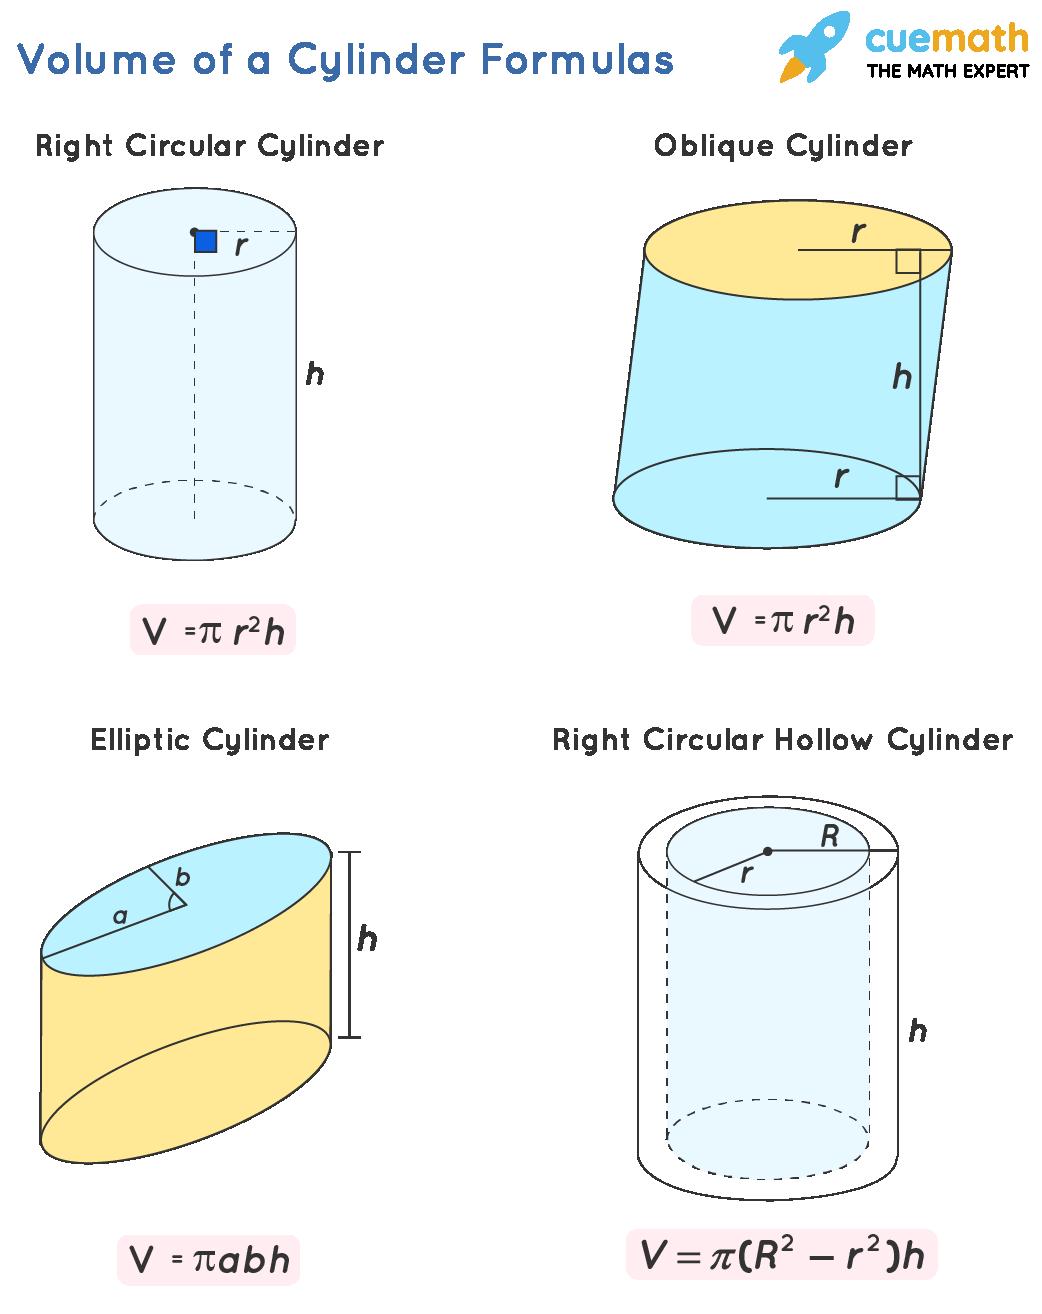 Volume of a Cylinder Formulas